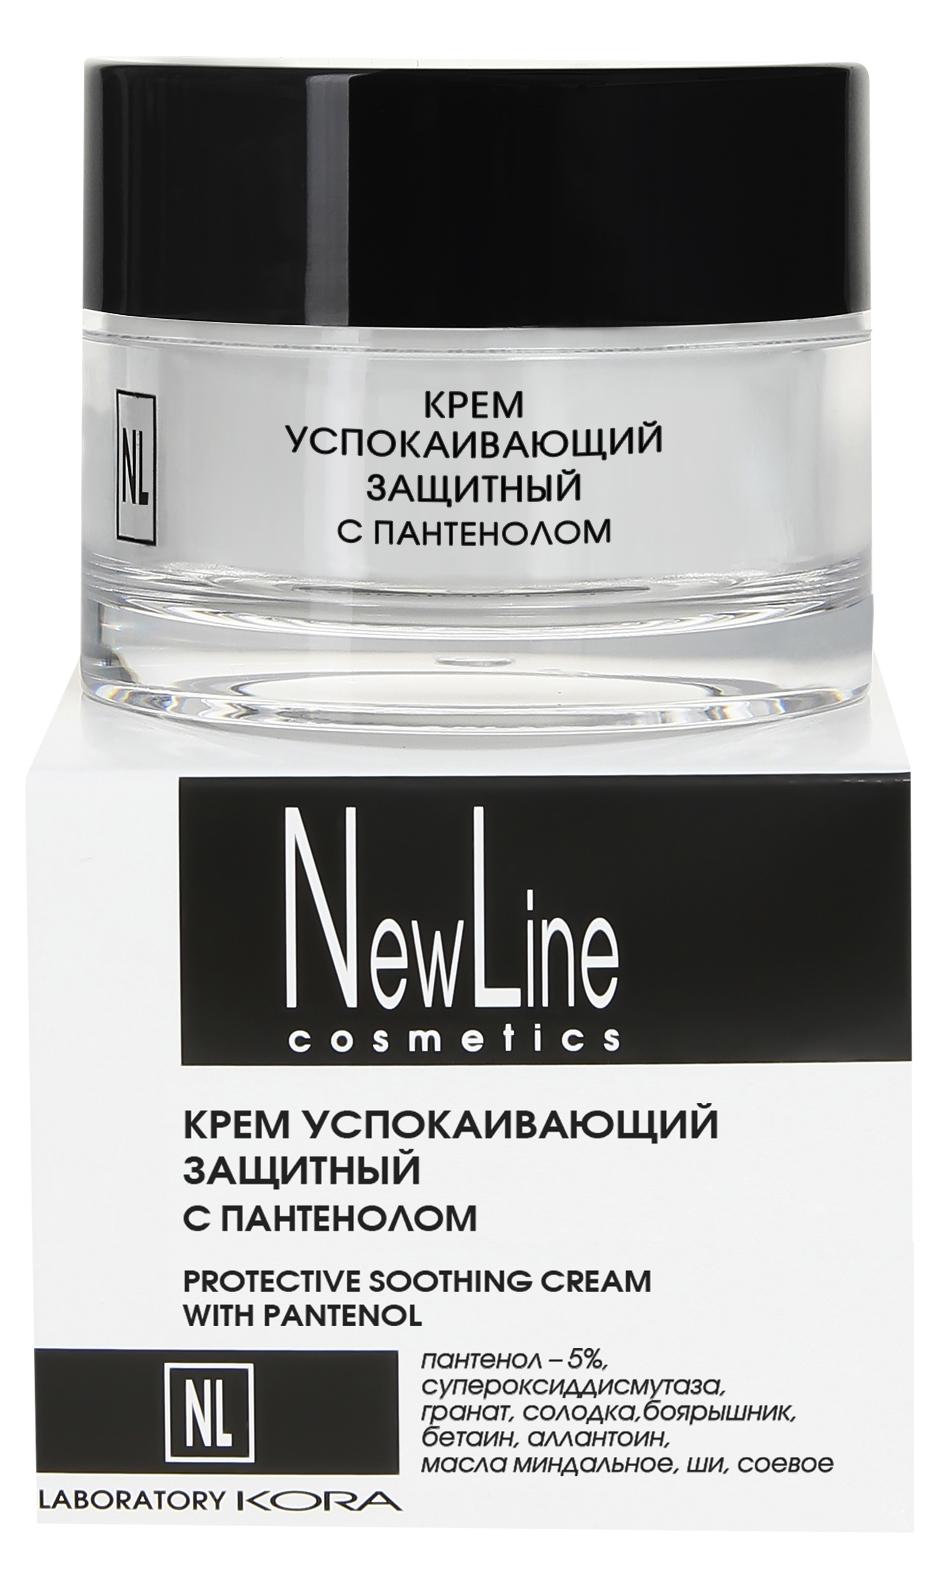 NEW LINE PROFESSIONAL Крем успокаивающий защитный с пантенолом 50 мл